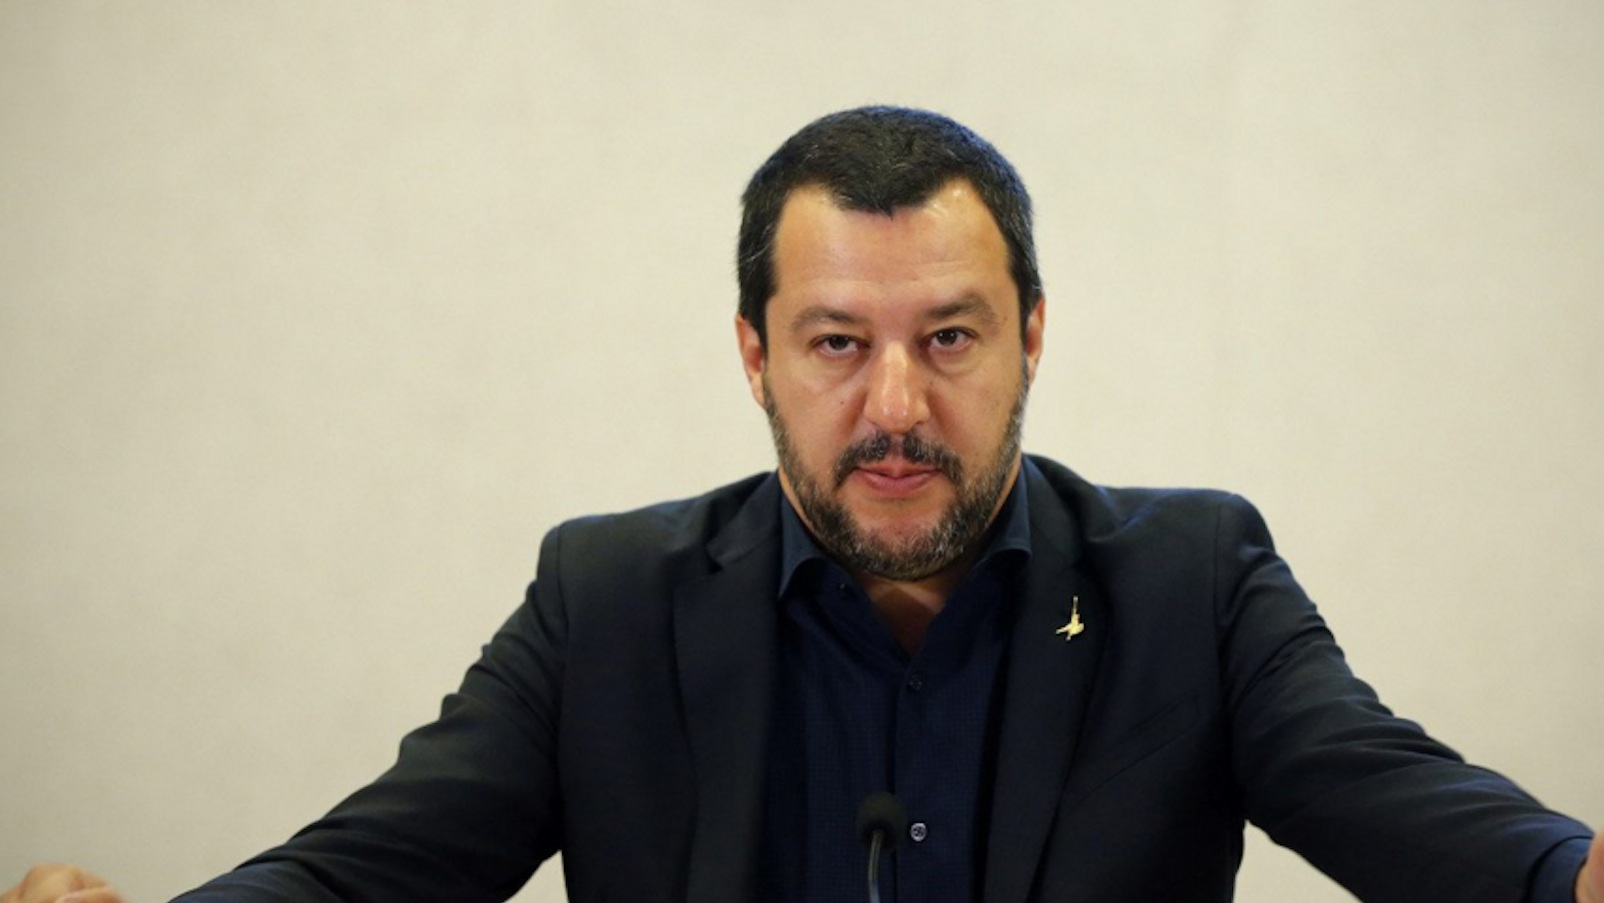 Salvini contro la nave della ONG in rotta verso l'Italia: 'Scafisti più che soccorritori'